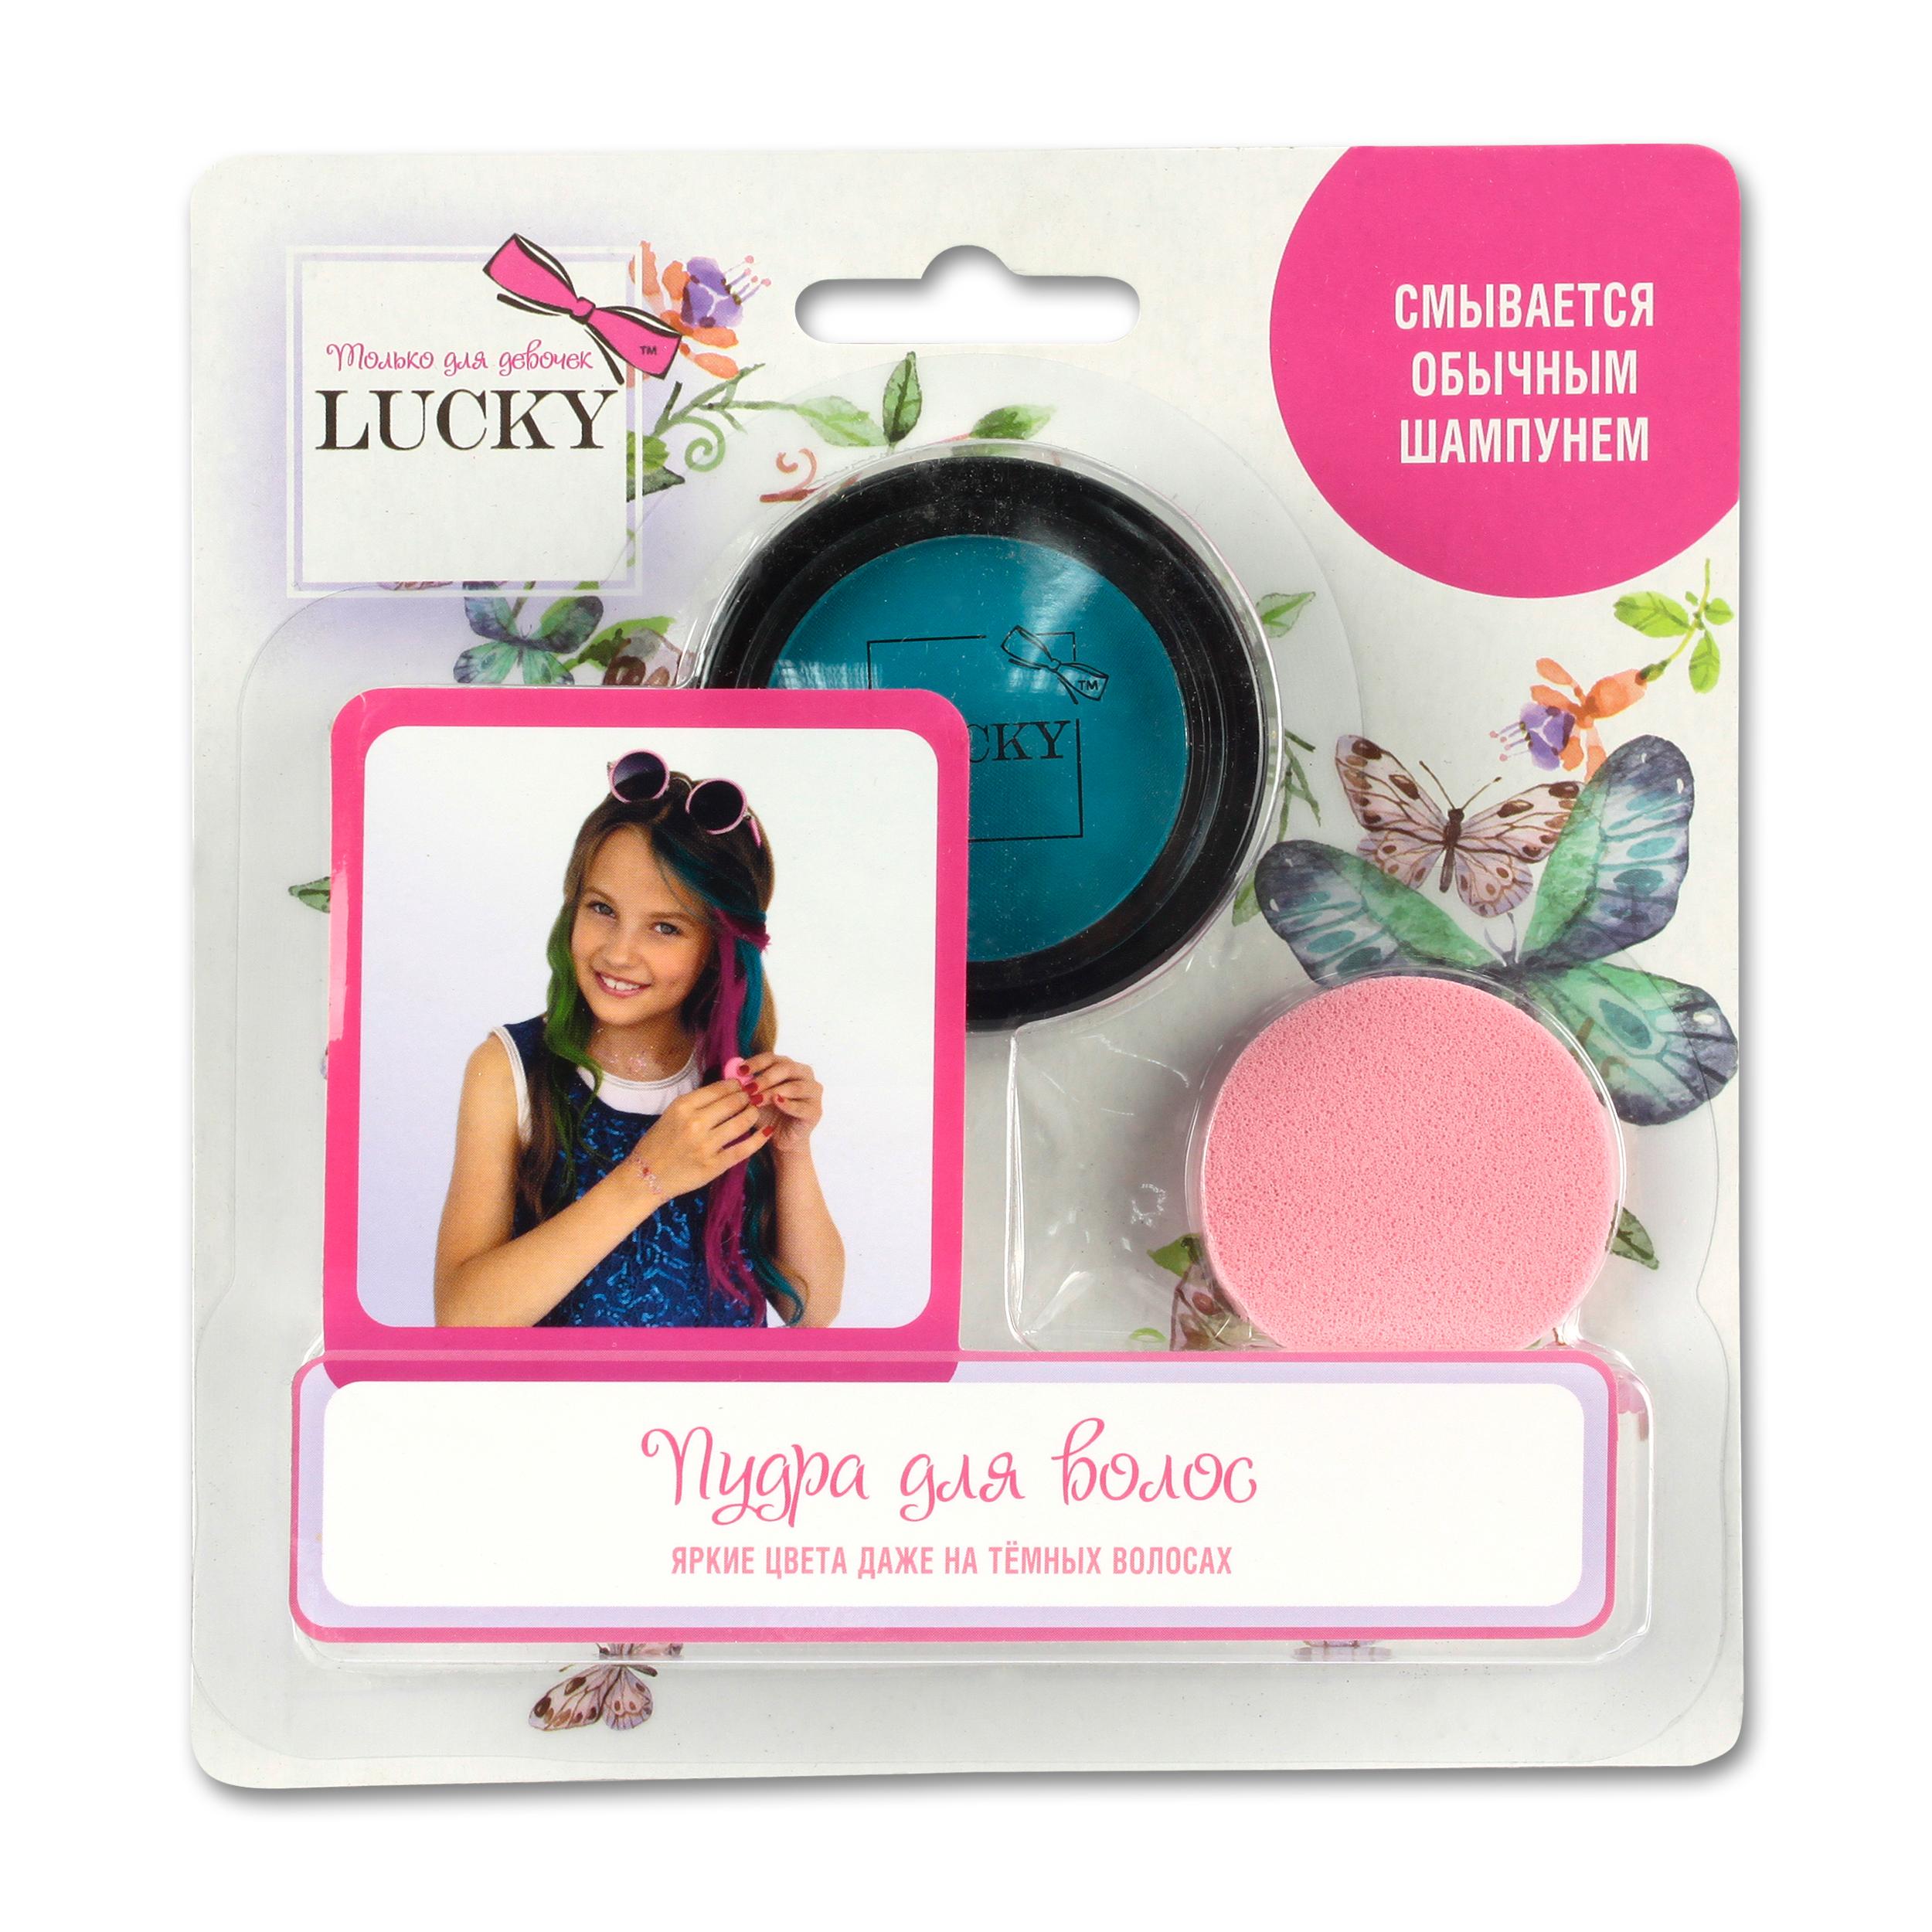 Пудра для волос Lucky Со спонжем, цвет голубой пудра для волос lucky со спонжем цвет зеленый